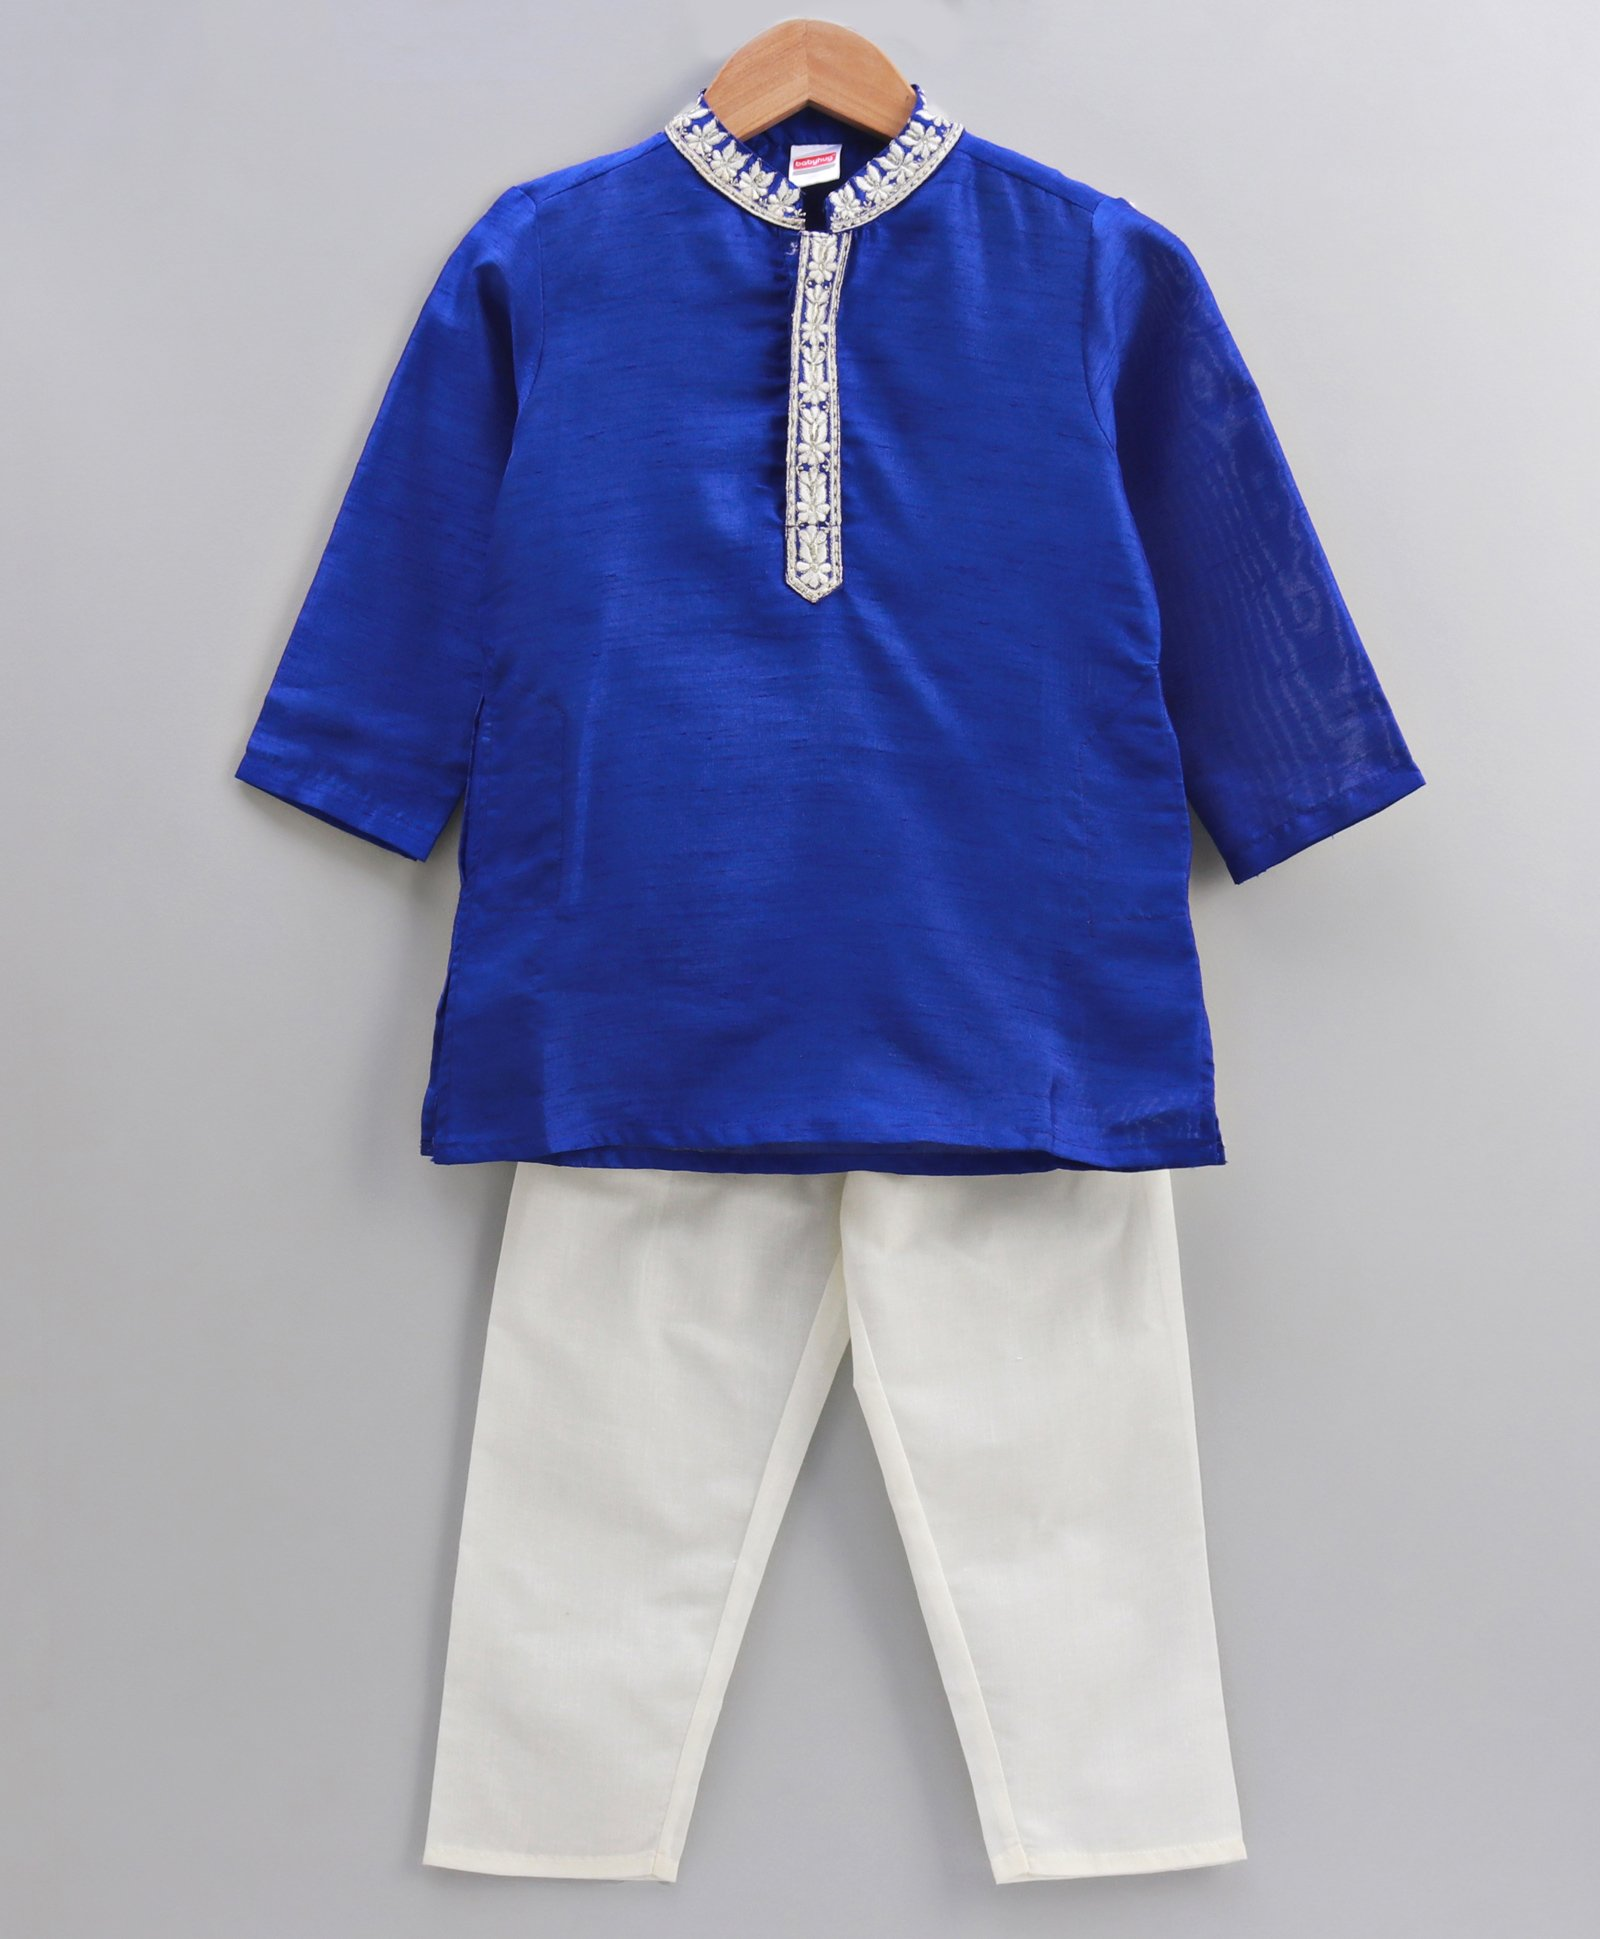 c5abcdecc5c2 Buy Babyhug Full Sleeves Embroidered Kurta Pyjama Set Blue White ...